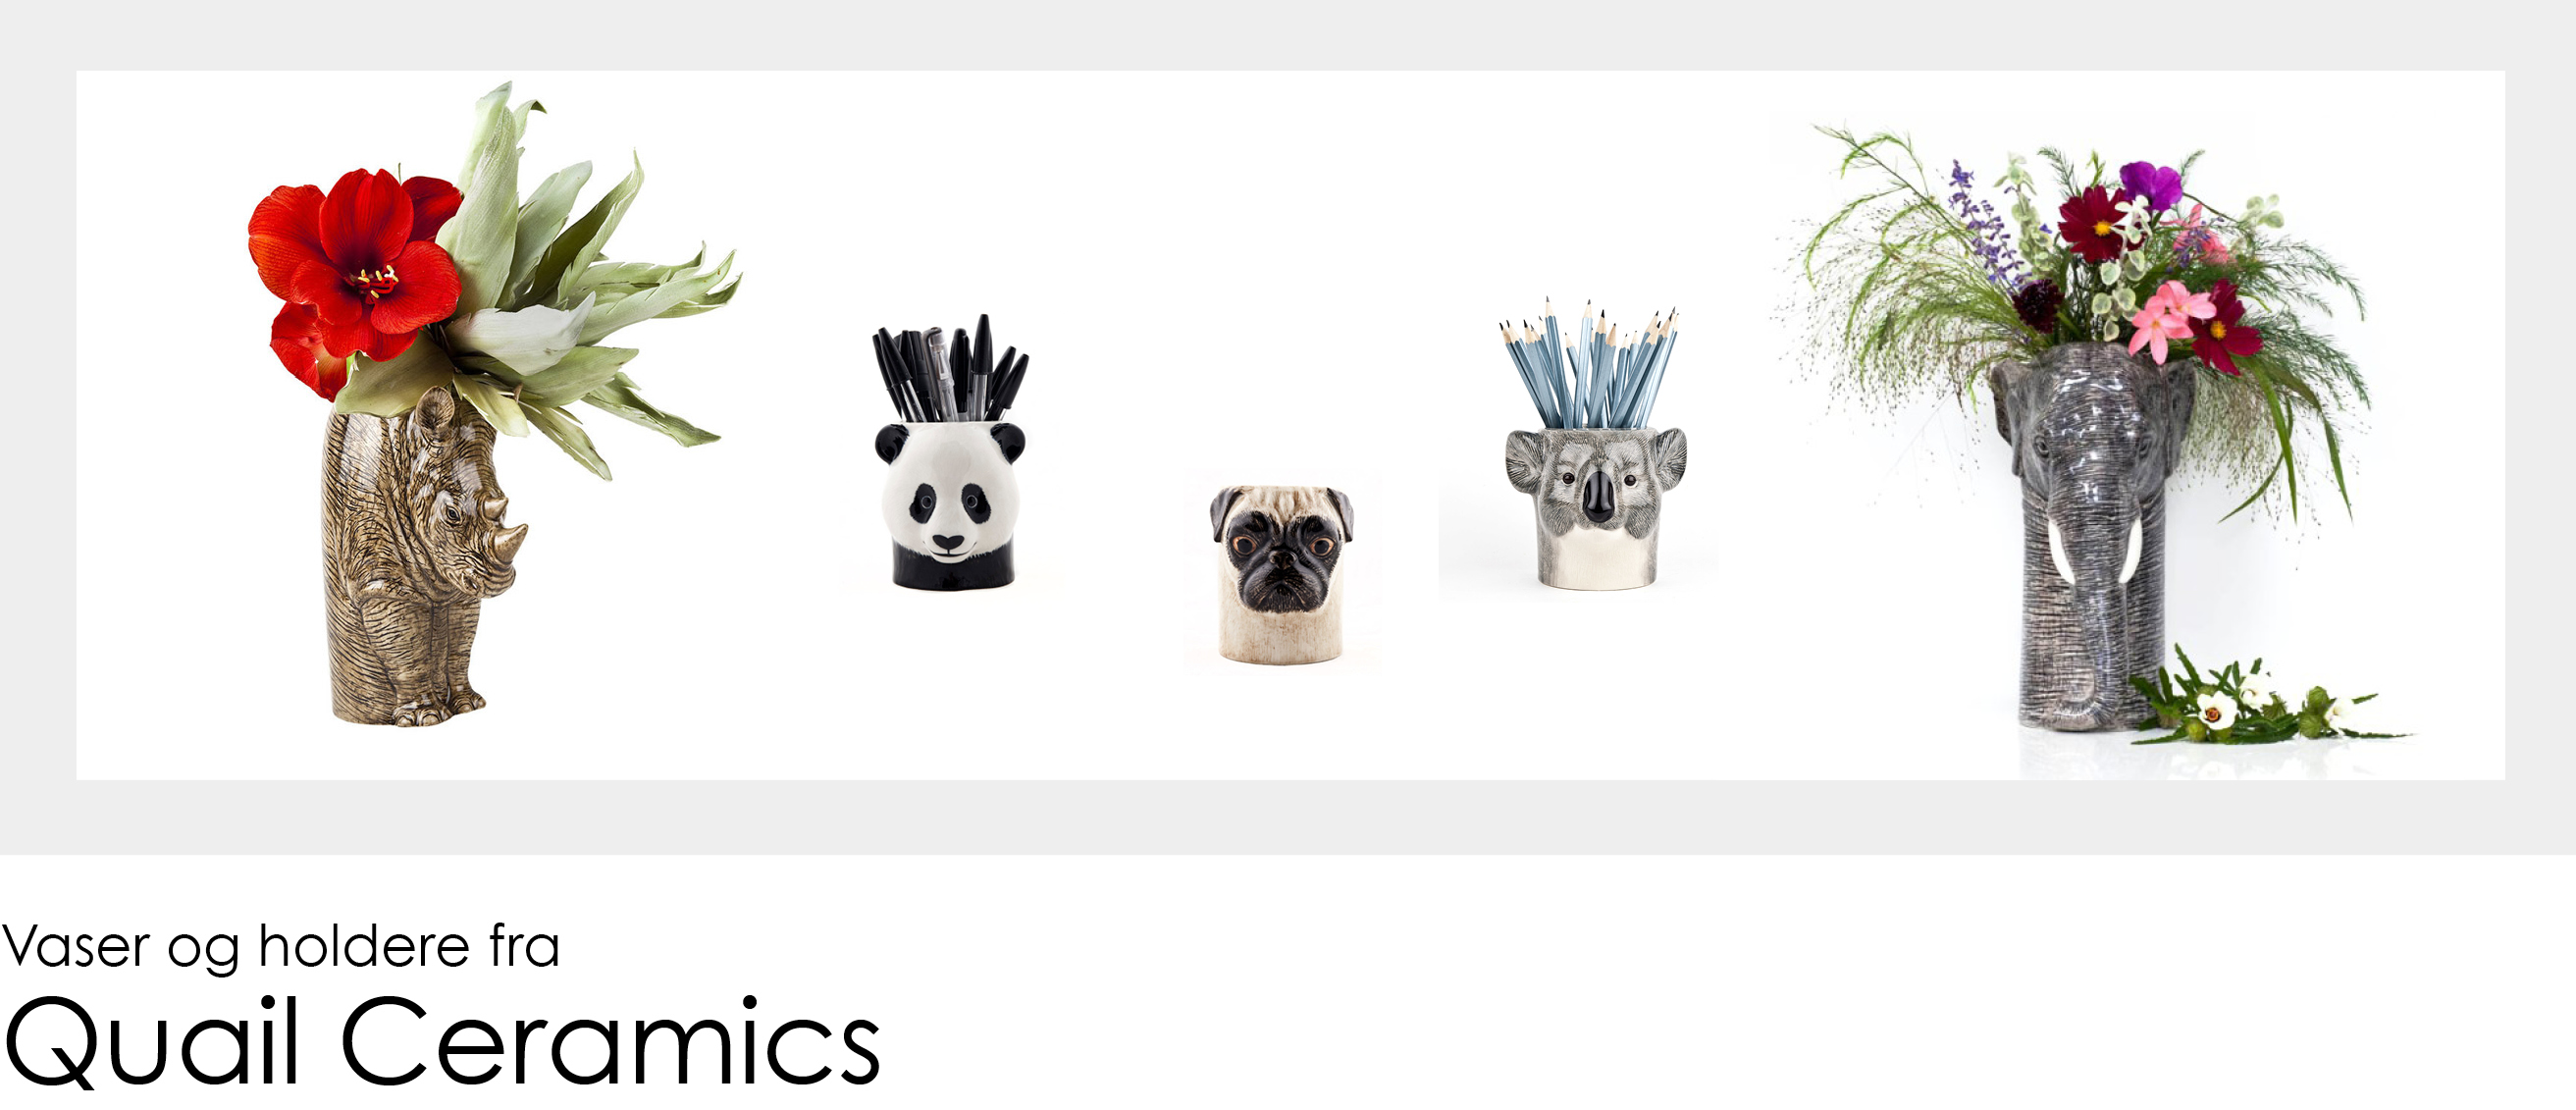 Vaser og holdere fra Quail Ceramics